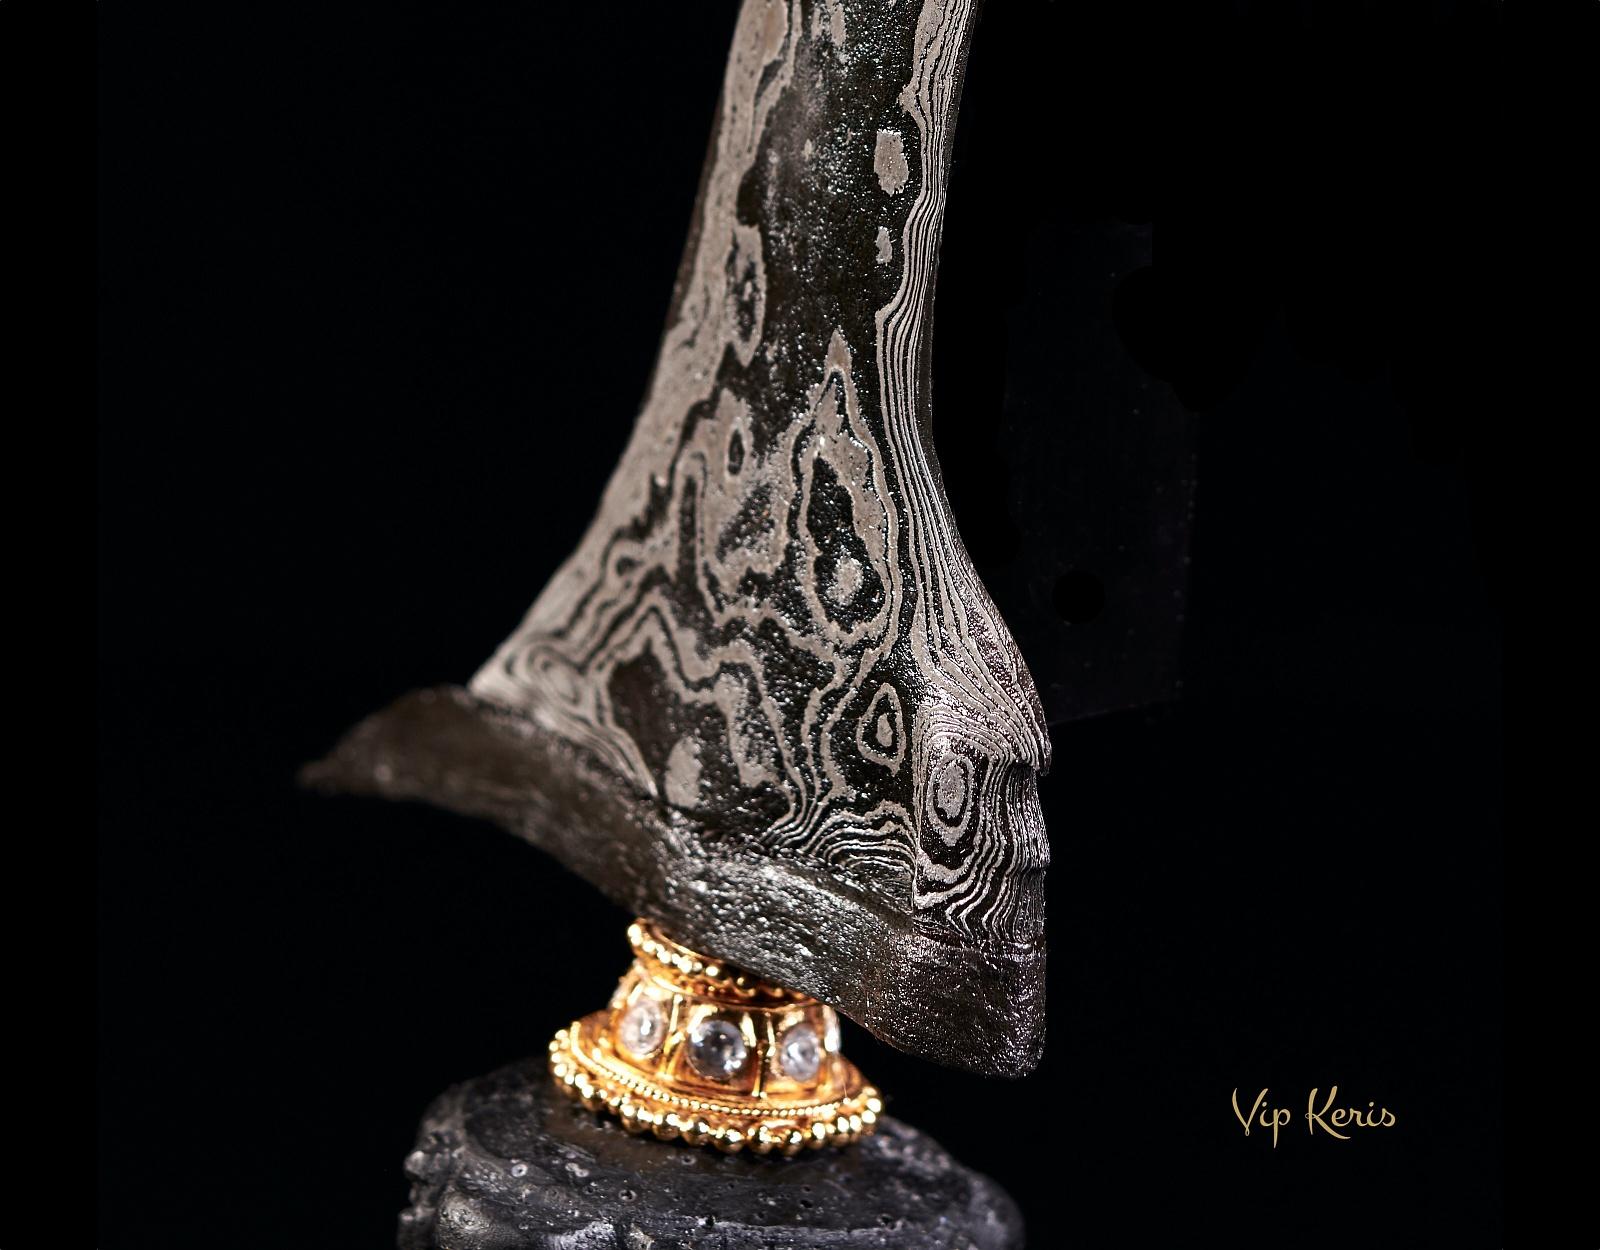 Индонезийский кинжал Крис Sempono, Инь фото VipKeris